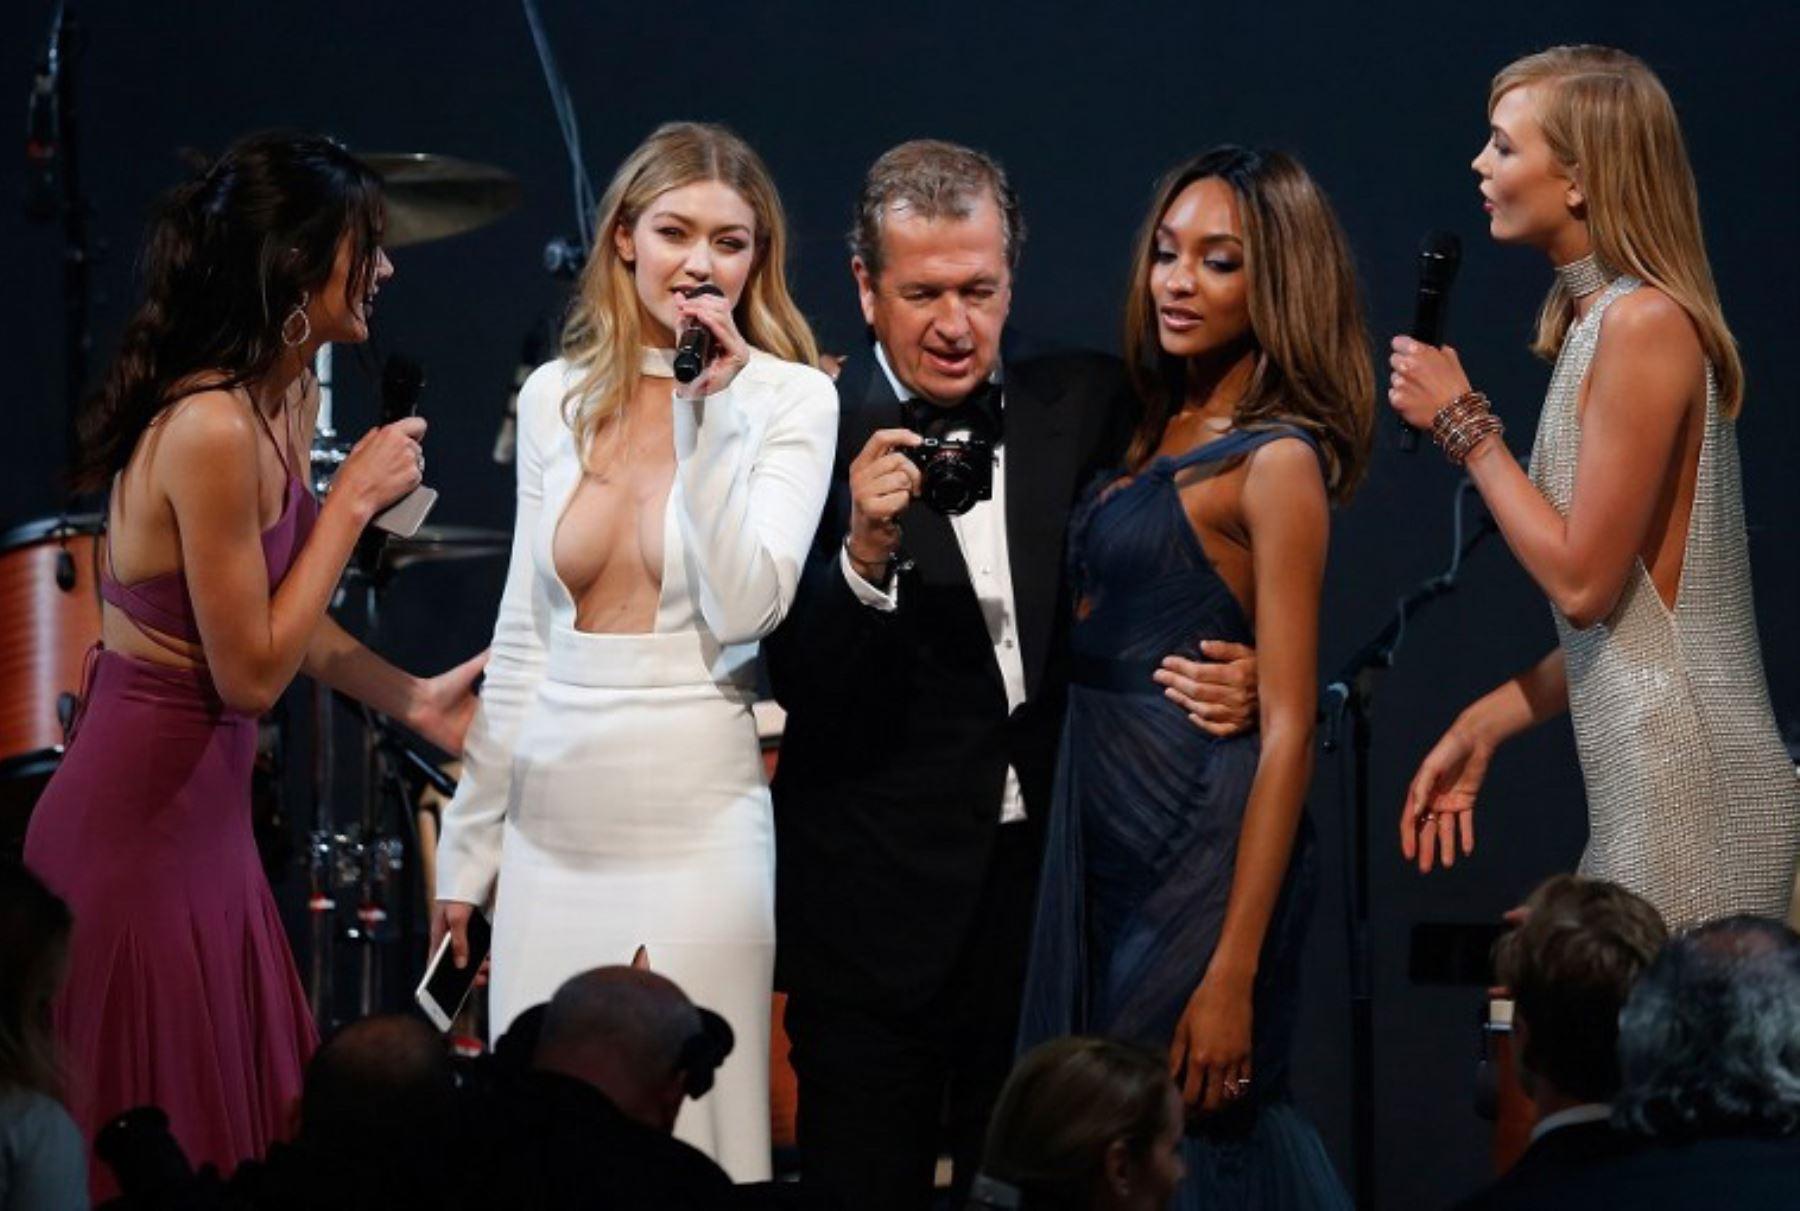 Las modelos estadounidense Kendall Jenner, Gigi Hadid,el fotógrafo peruano Mario Testino, la modelo británica Jourdan Dunn y modelo estadounidense Karlie Kloss realizan una subasta en Cannes.Foto:AFP